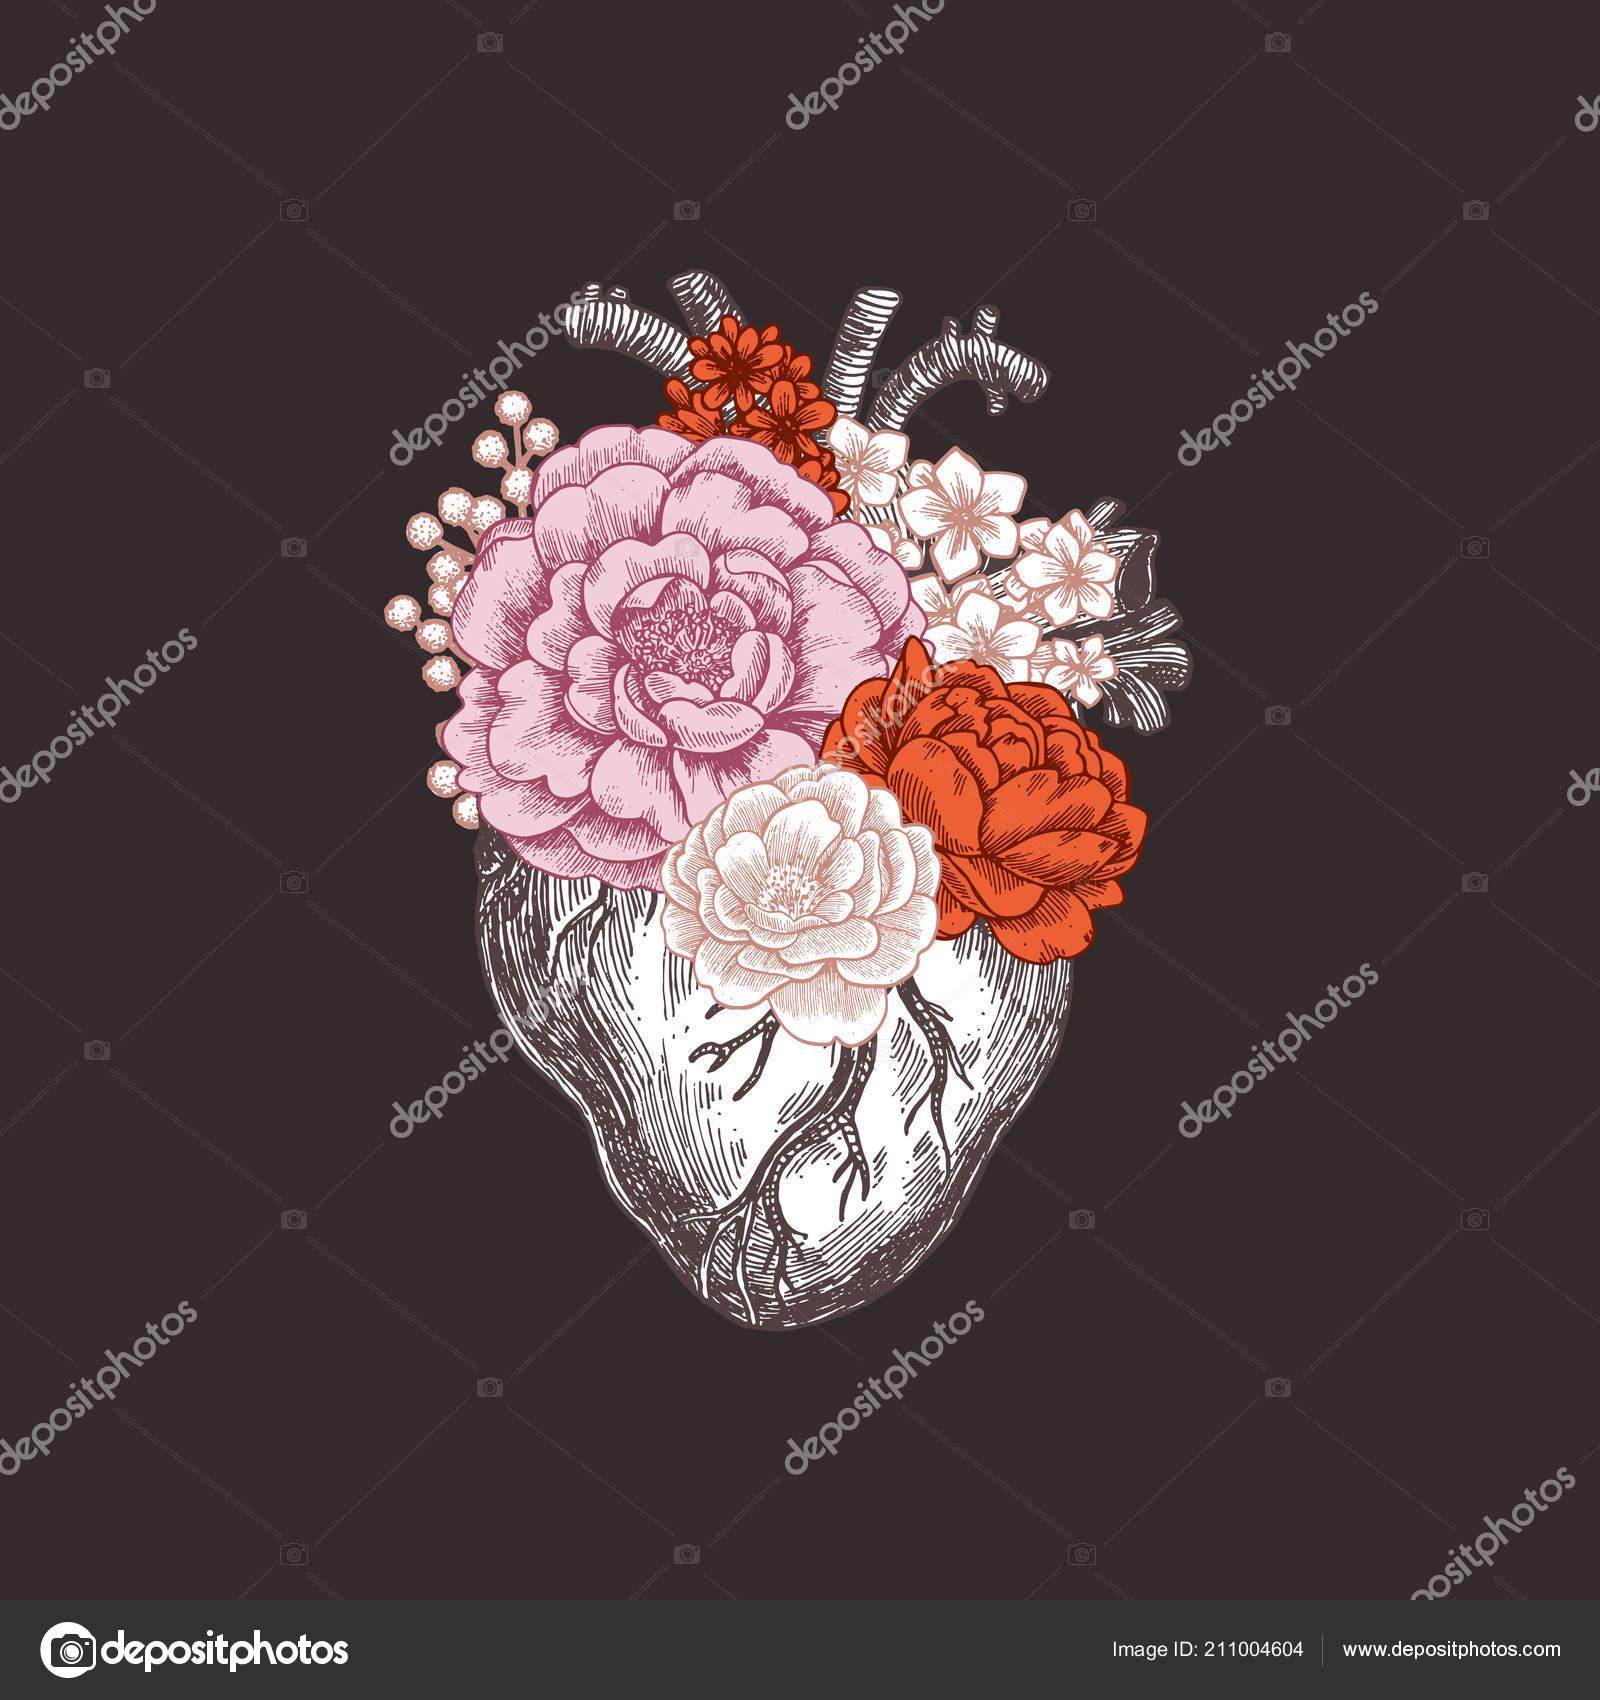 Tatuaje Vintage Ilustración De Anatomía Floral Corazón Anatómico